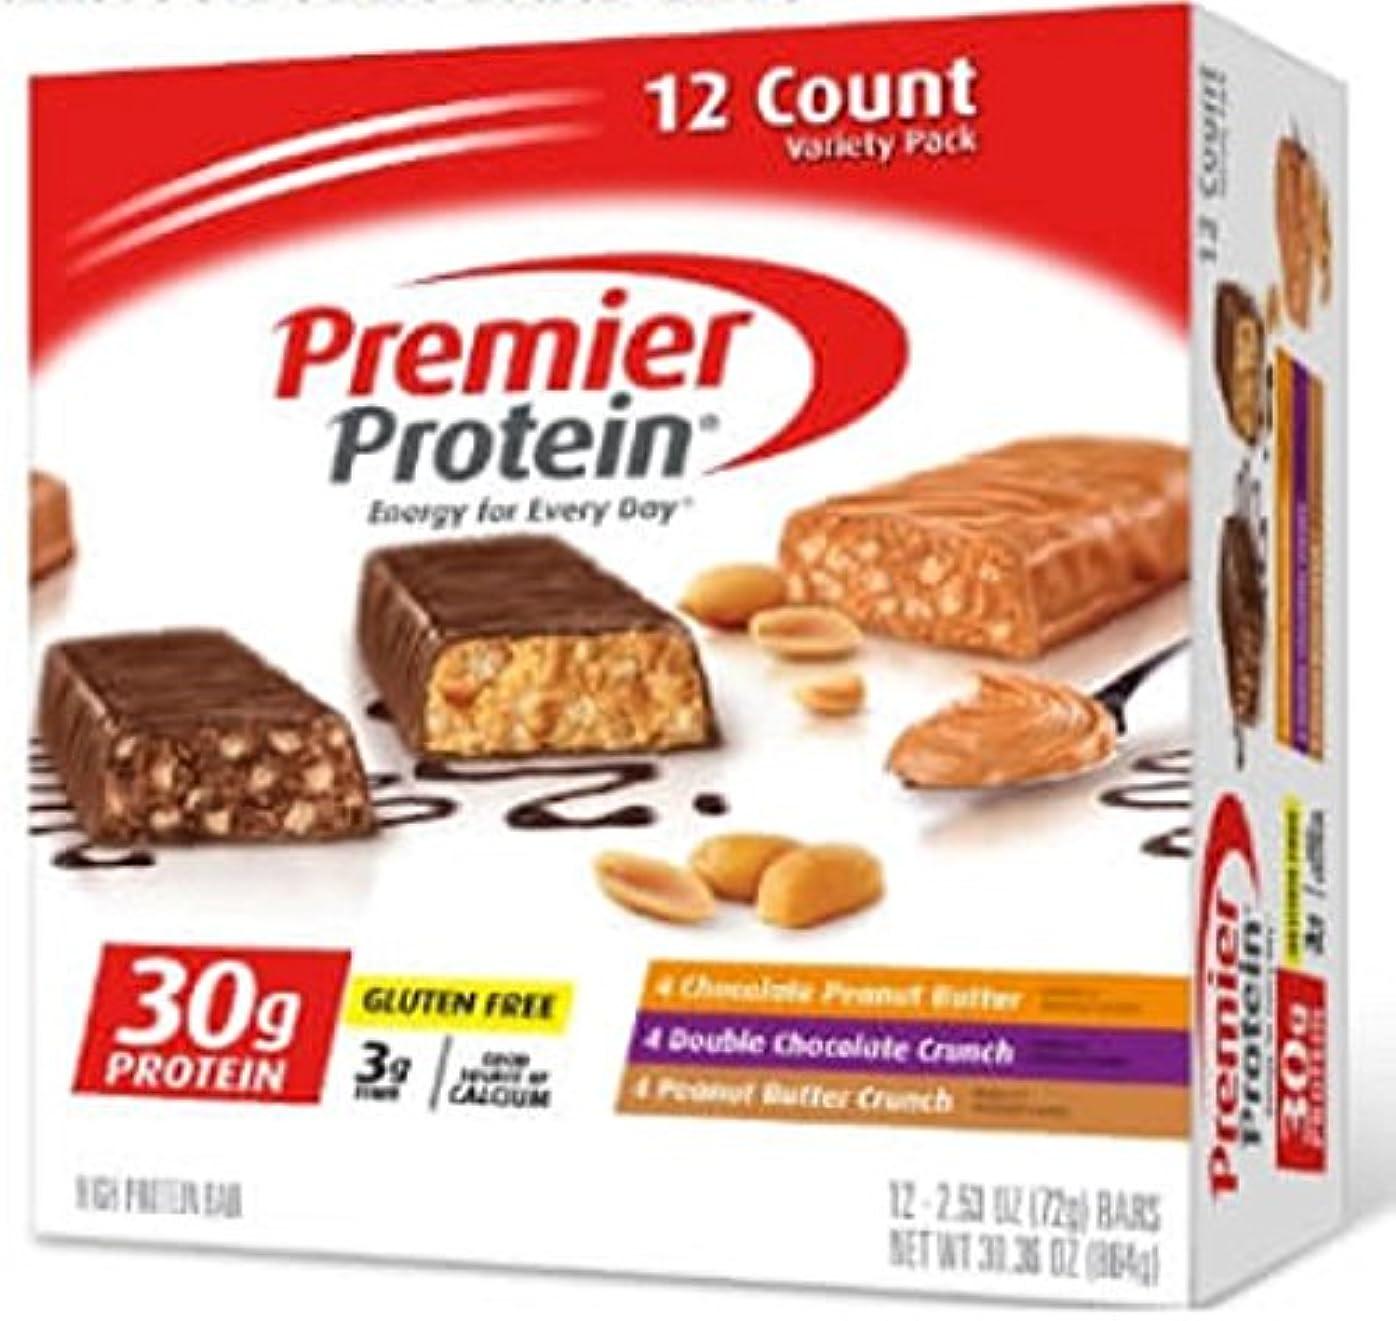 形しなければならない不完全な【2箱セット】Premier Protein プレミア プロテイン プロテインバー バラエティパック(72g x 12本入り x 2箱)